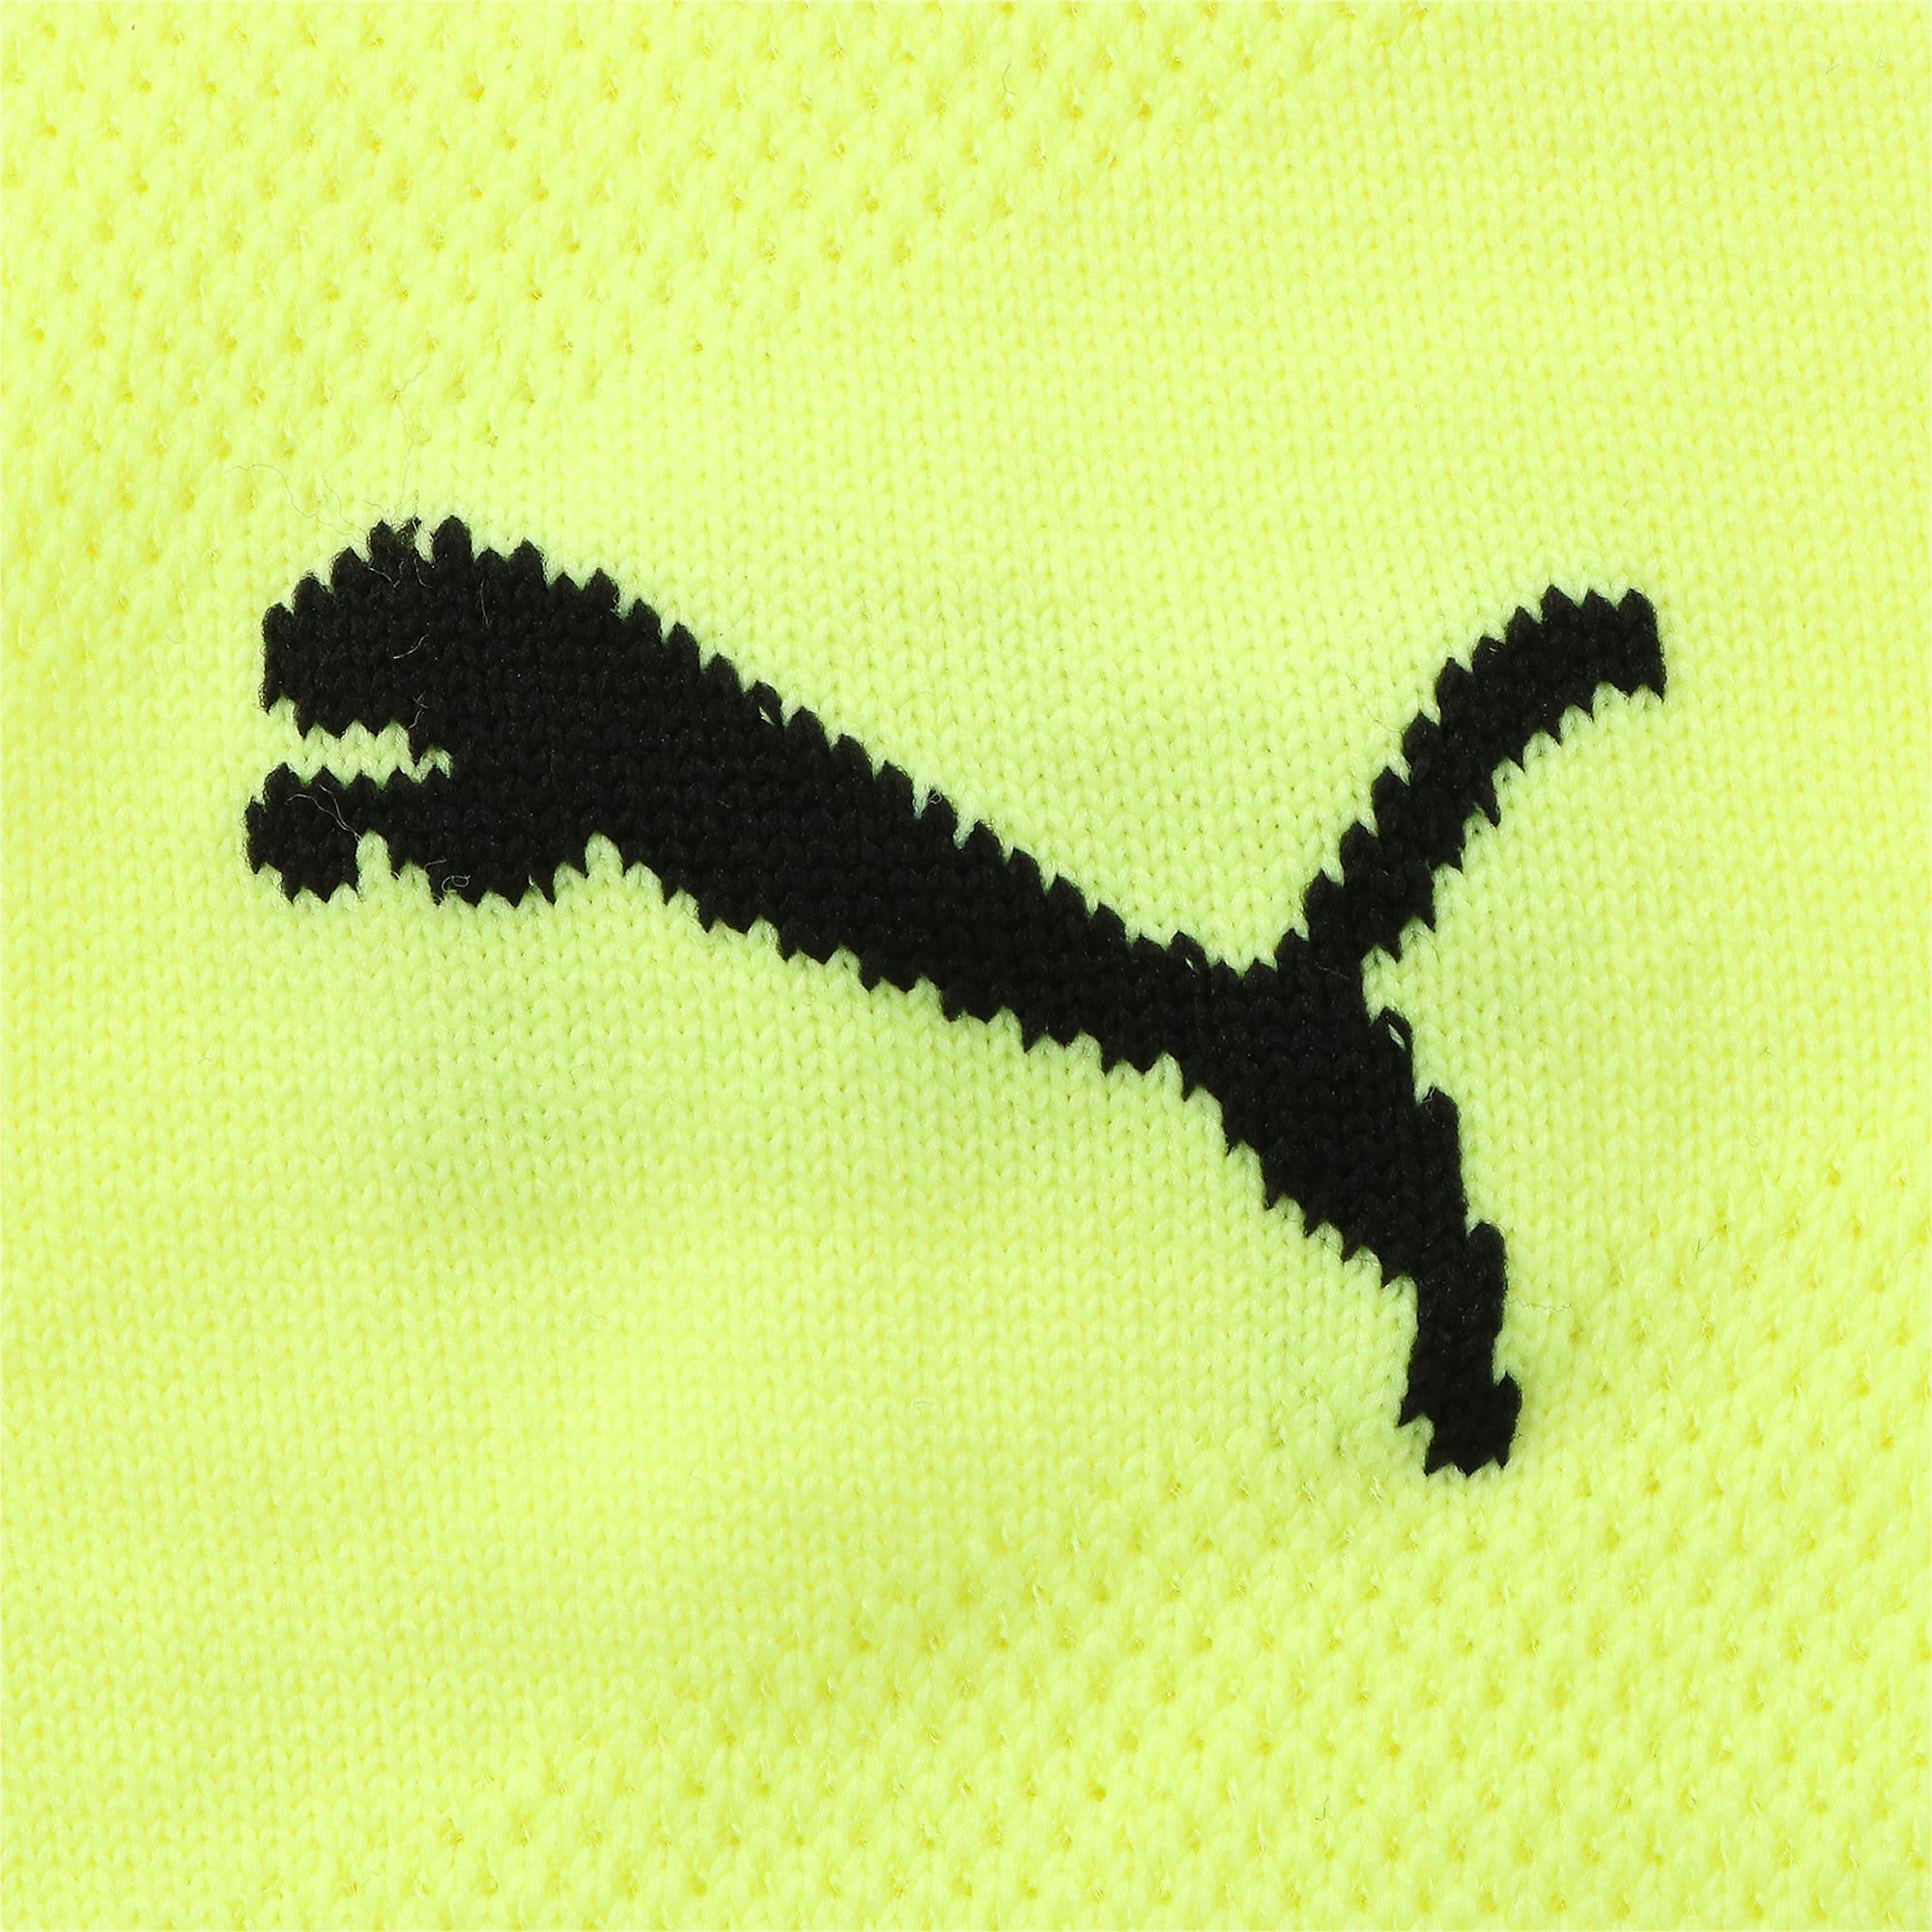 Thumbnail 2 of マンチェスター・シティ MCFC スパイラル ストッキング, Fizzy Yellow-Puma Black, medium-JPN